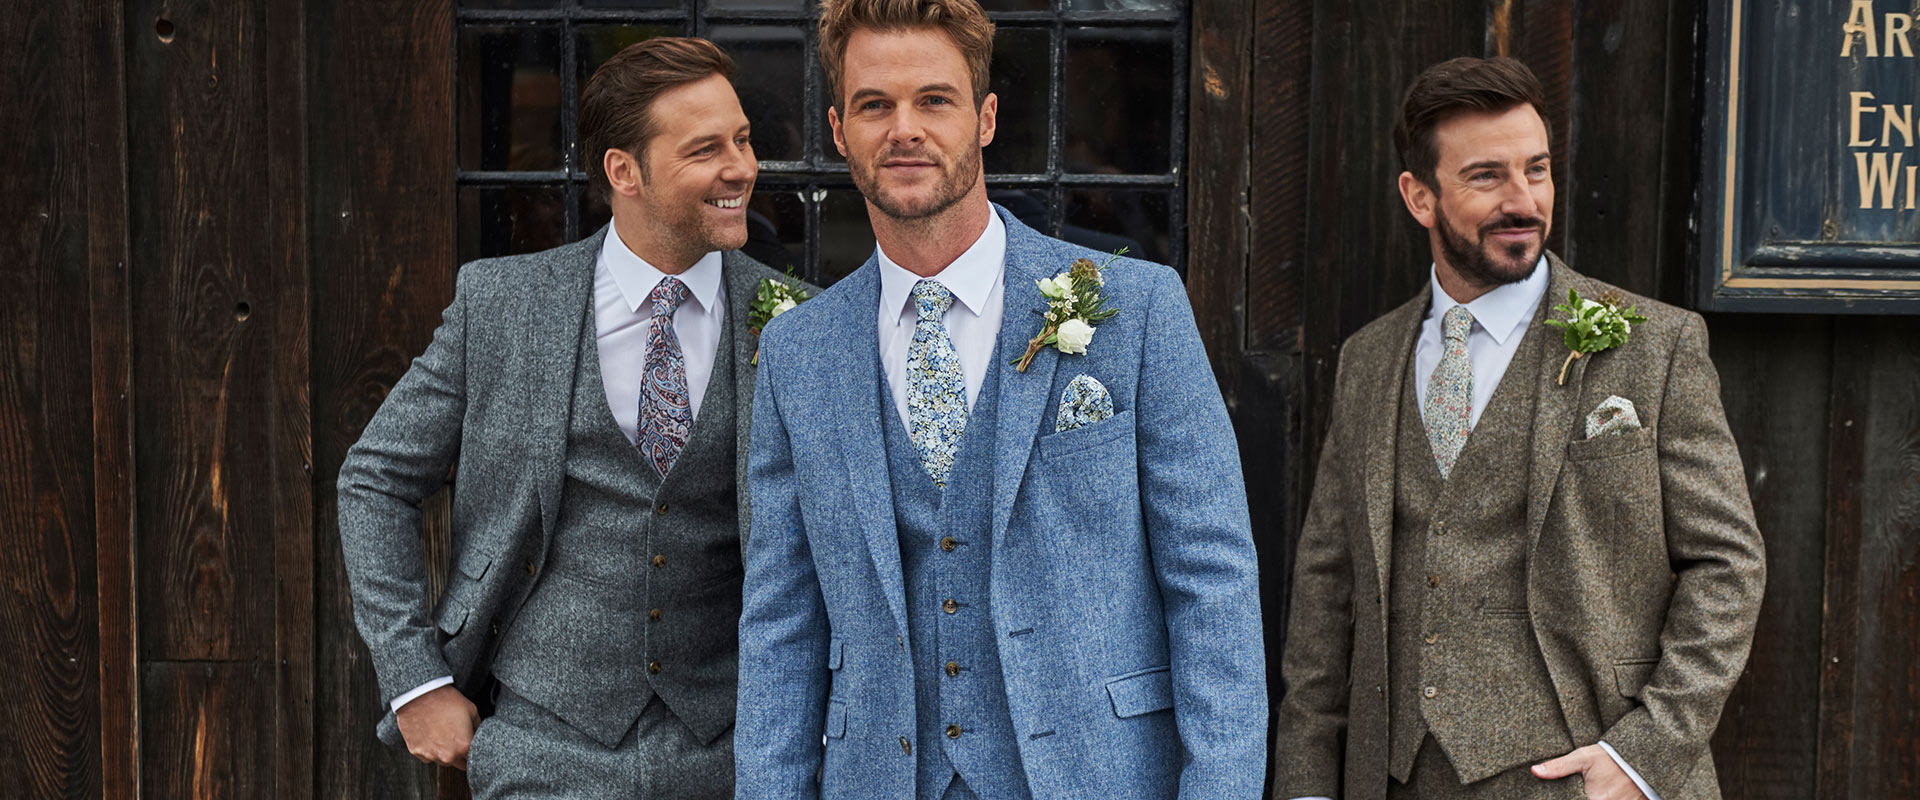 Tweed Wedding Suit Hire